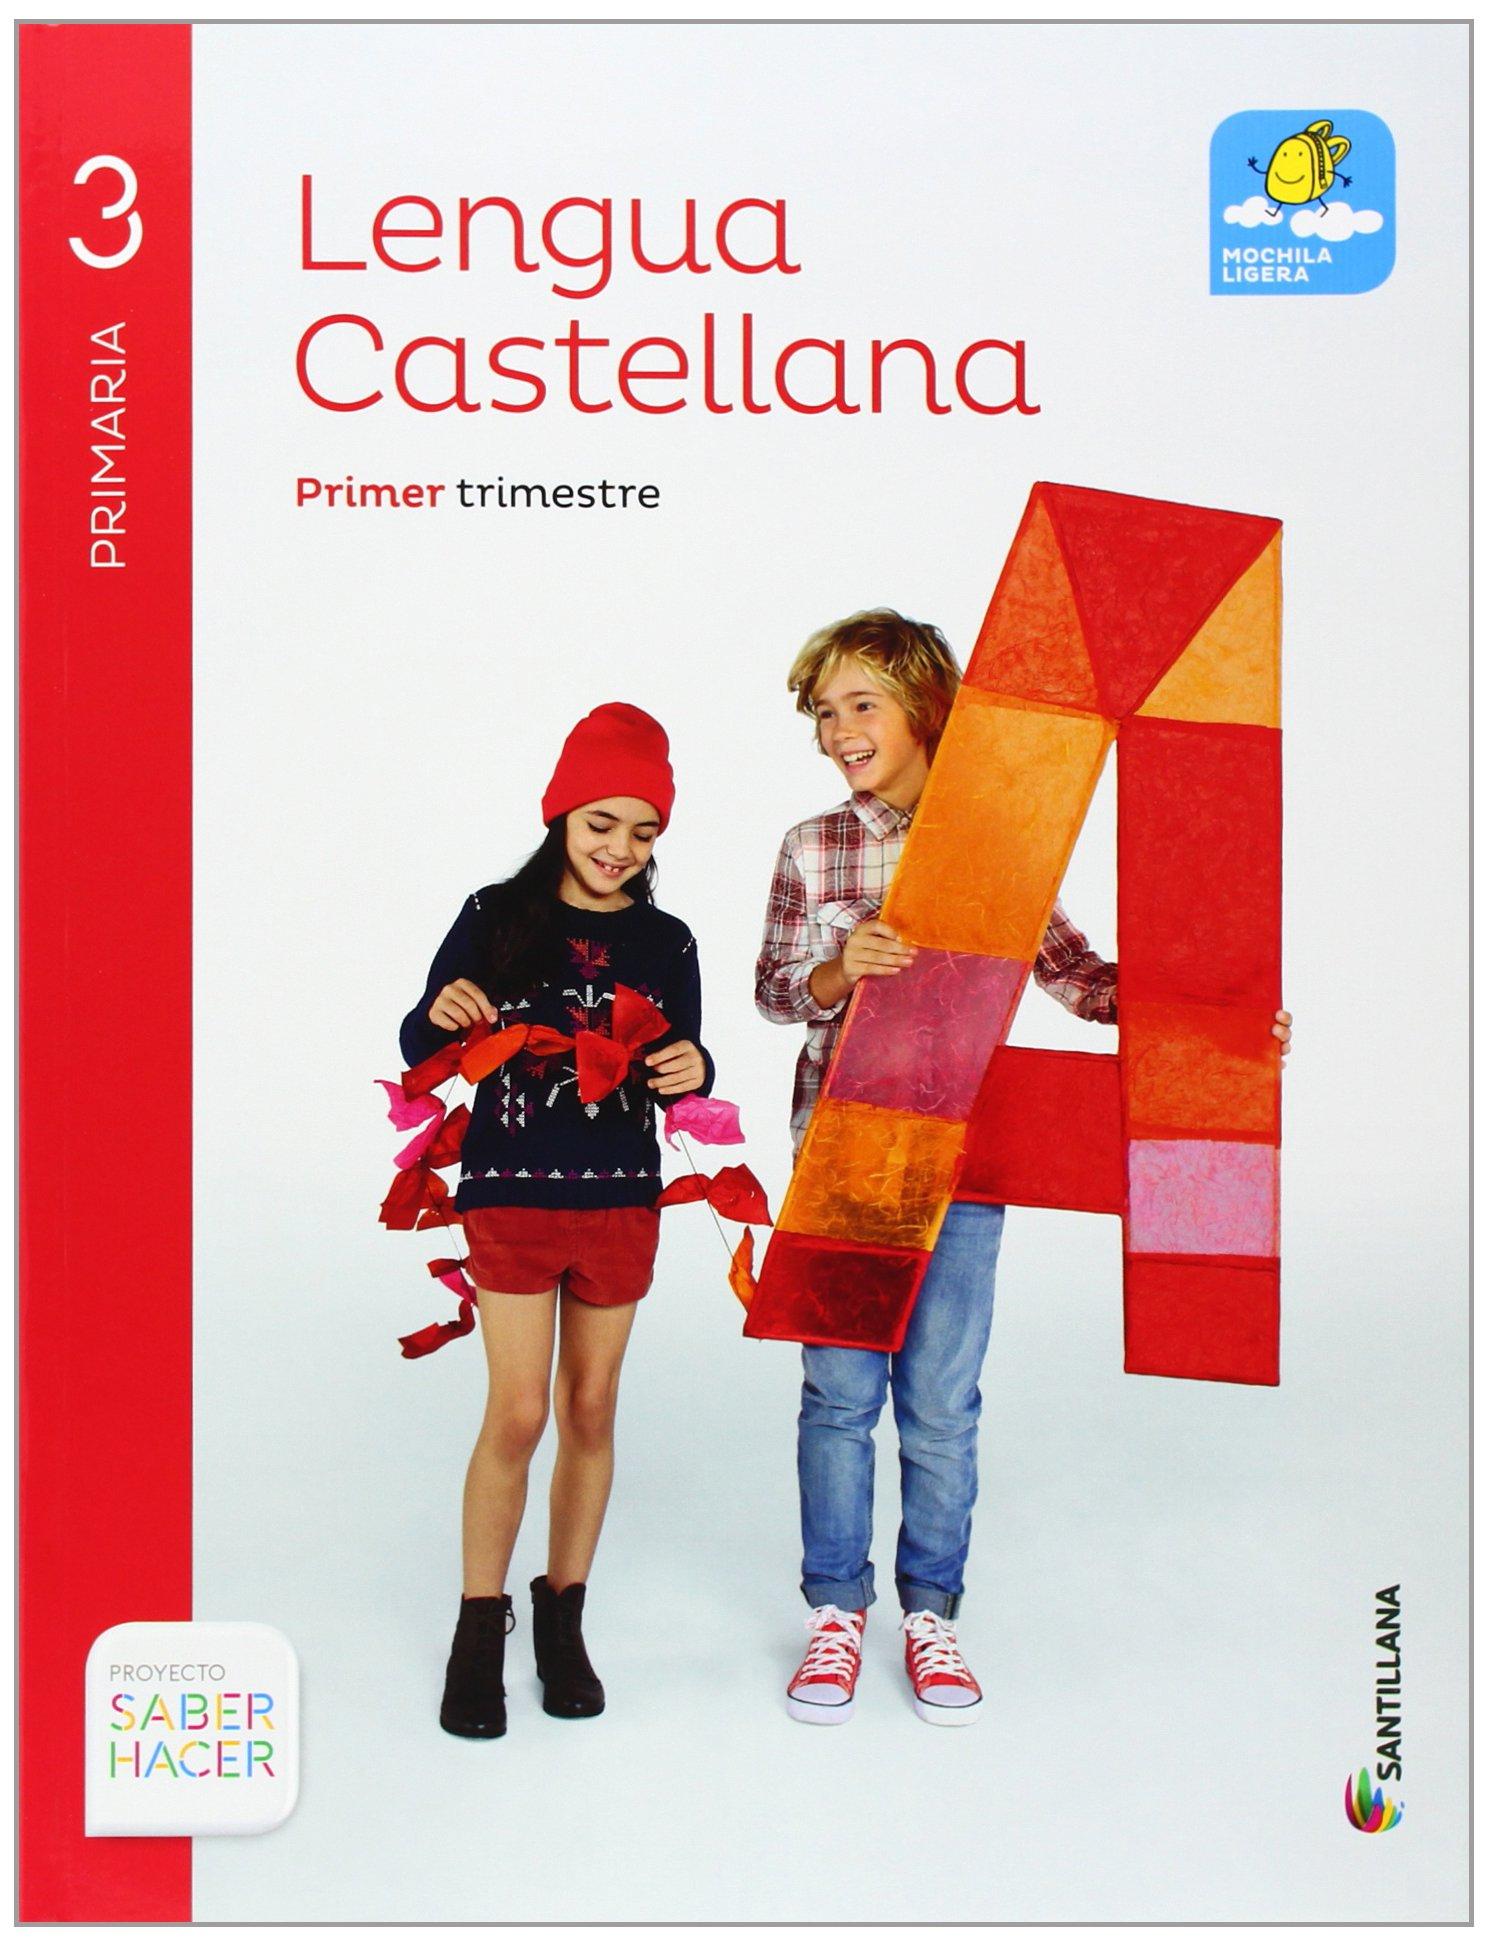 Lengua Castellana 3 Primaria, Saber Hacer, pack de 4 libros - 9788468011967: Amazon.es: Aa.Vv.: Libros